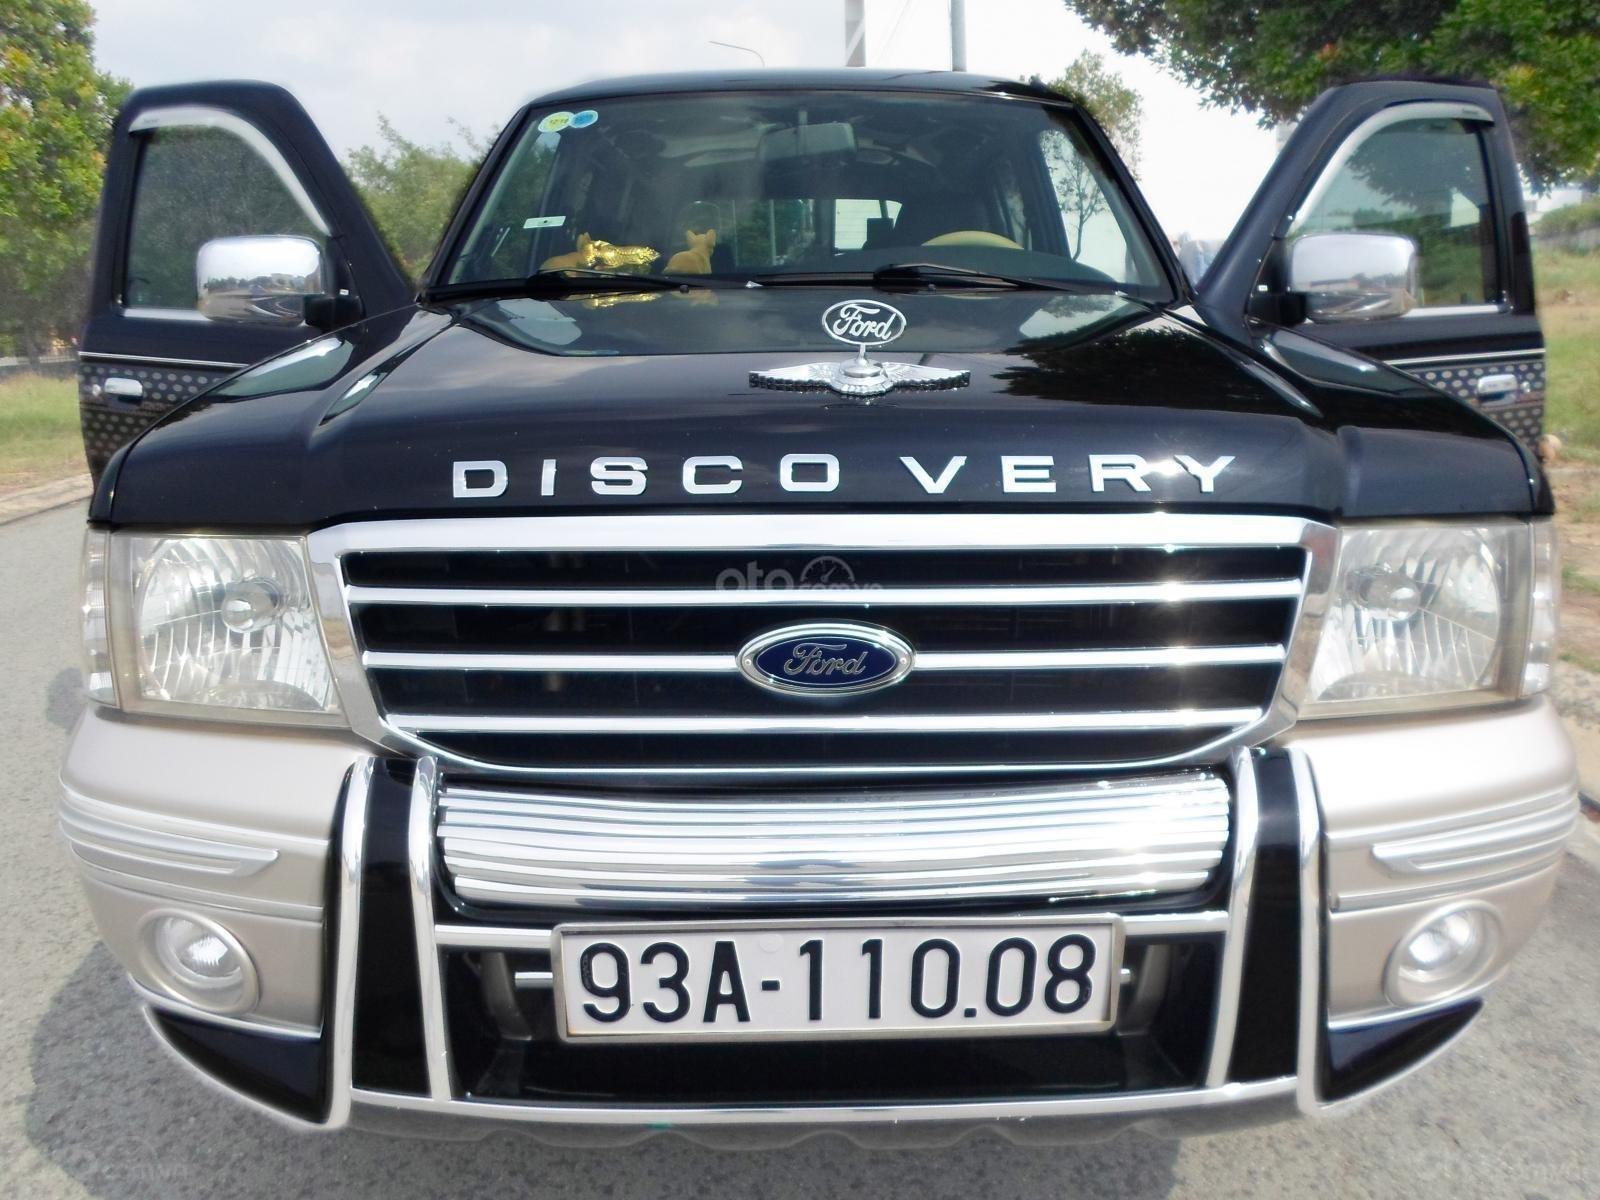 Chính chủ cần bán Ford Everest Ford Everest 2.5L 4x2 MT đời 2005, màu đen, giá tốt (1)